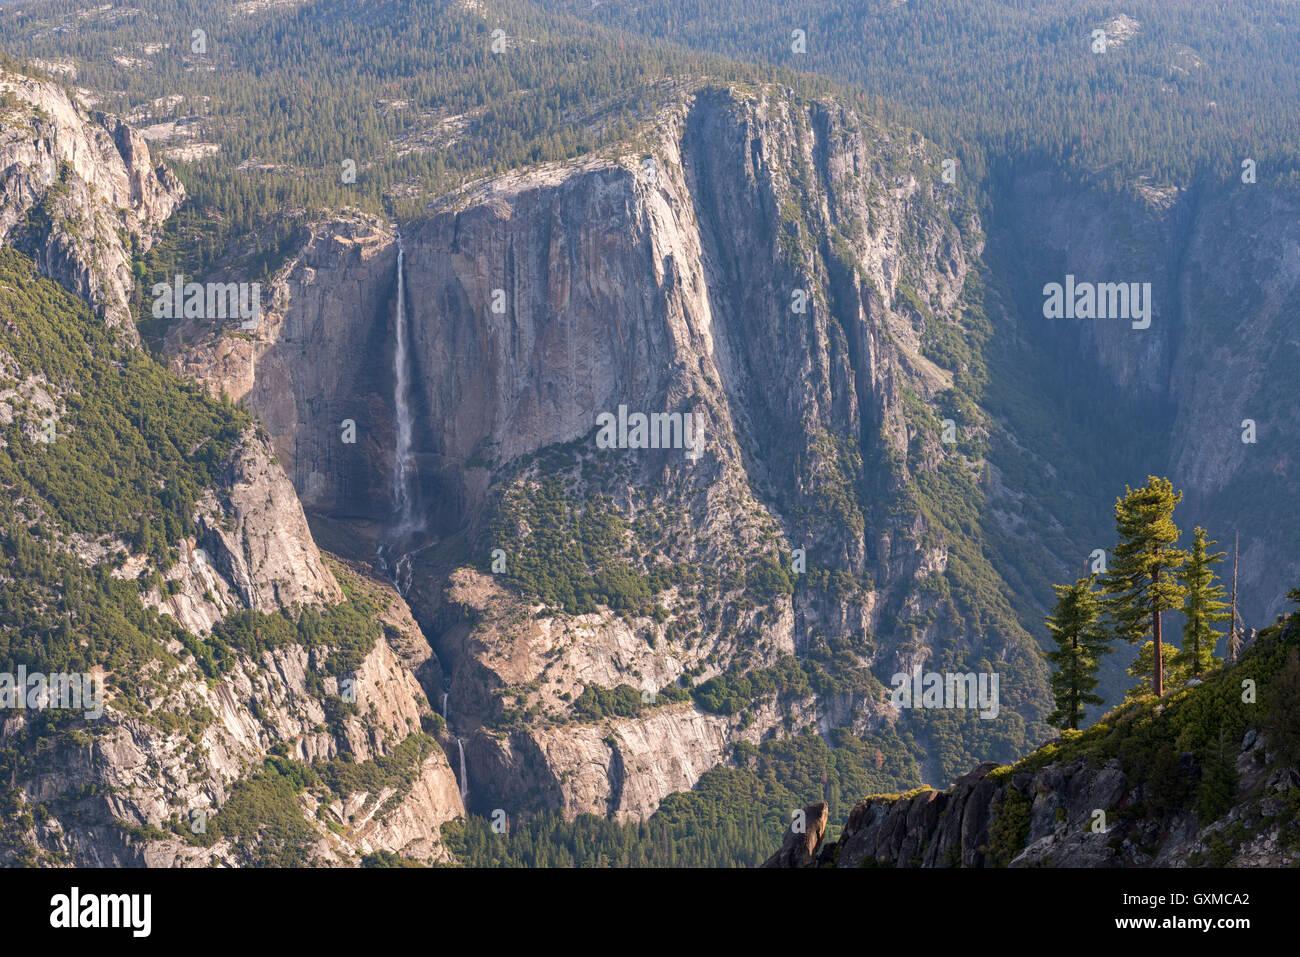 Cataratas de Yosemite fotografiado desde Taft Point, el Parque Nacional Yosemite, California, USA. La primavera Imagen De Stock